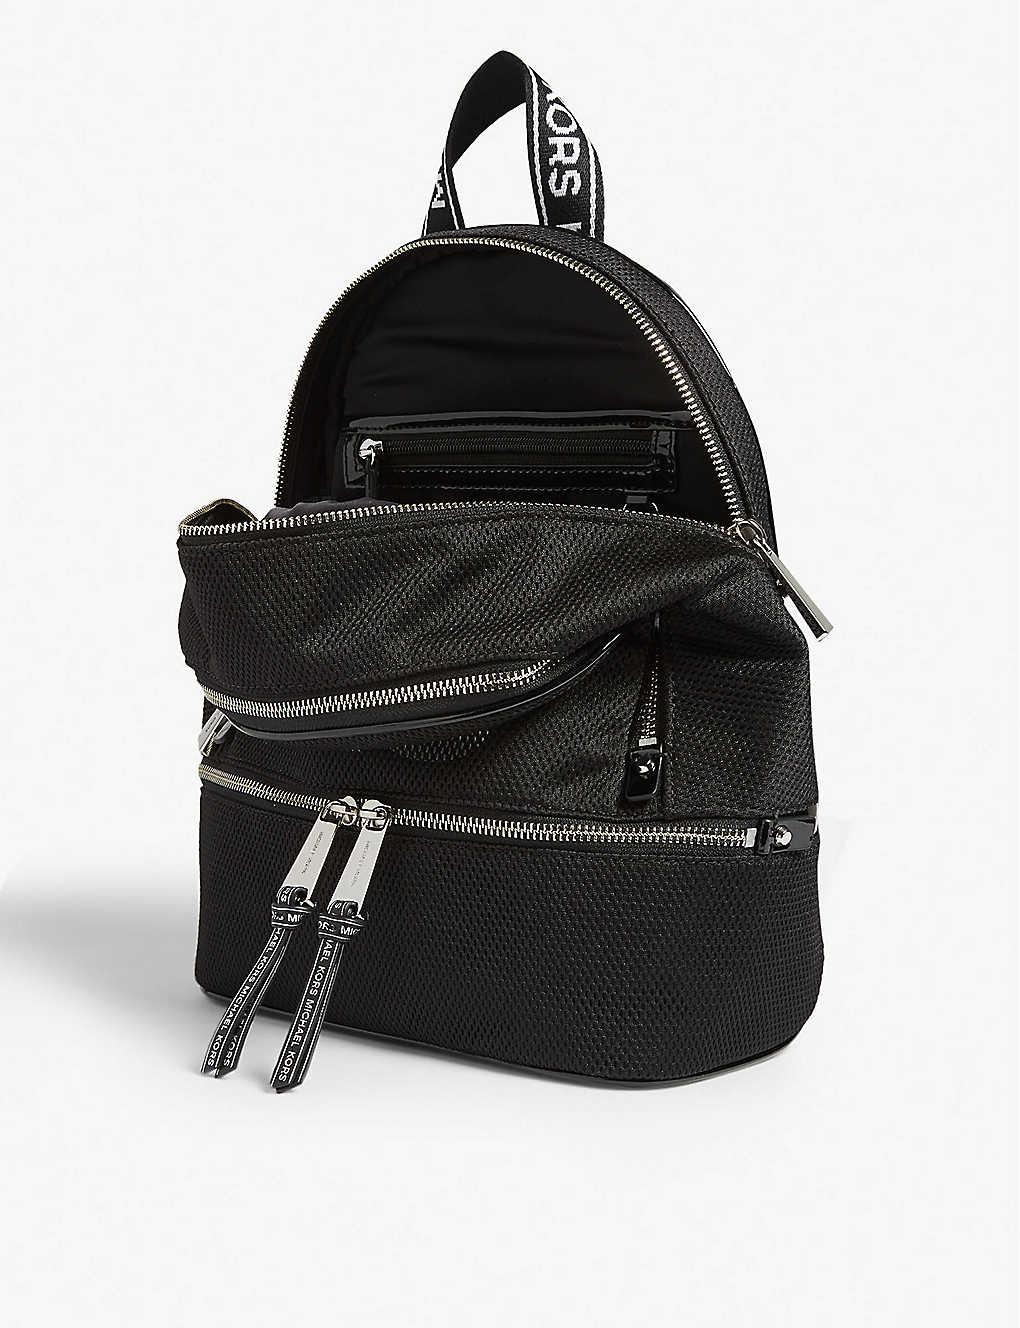 5b25b26ee5c5 MICHAEL MICHAEL KORS - Rhea branded backpack